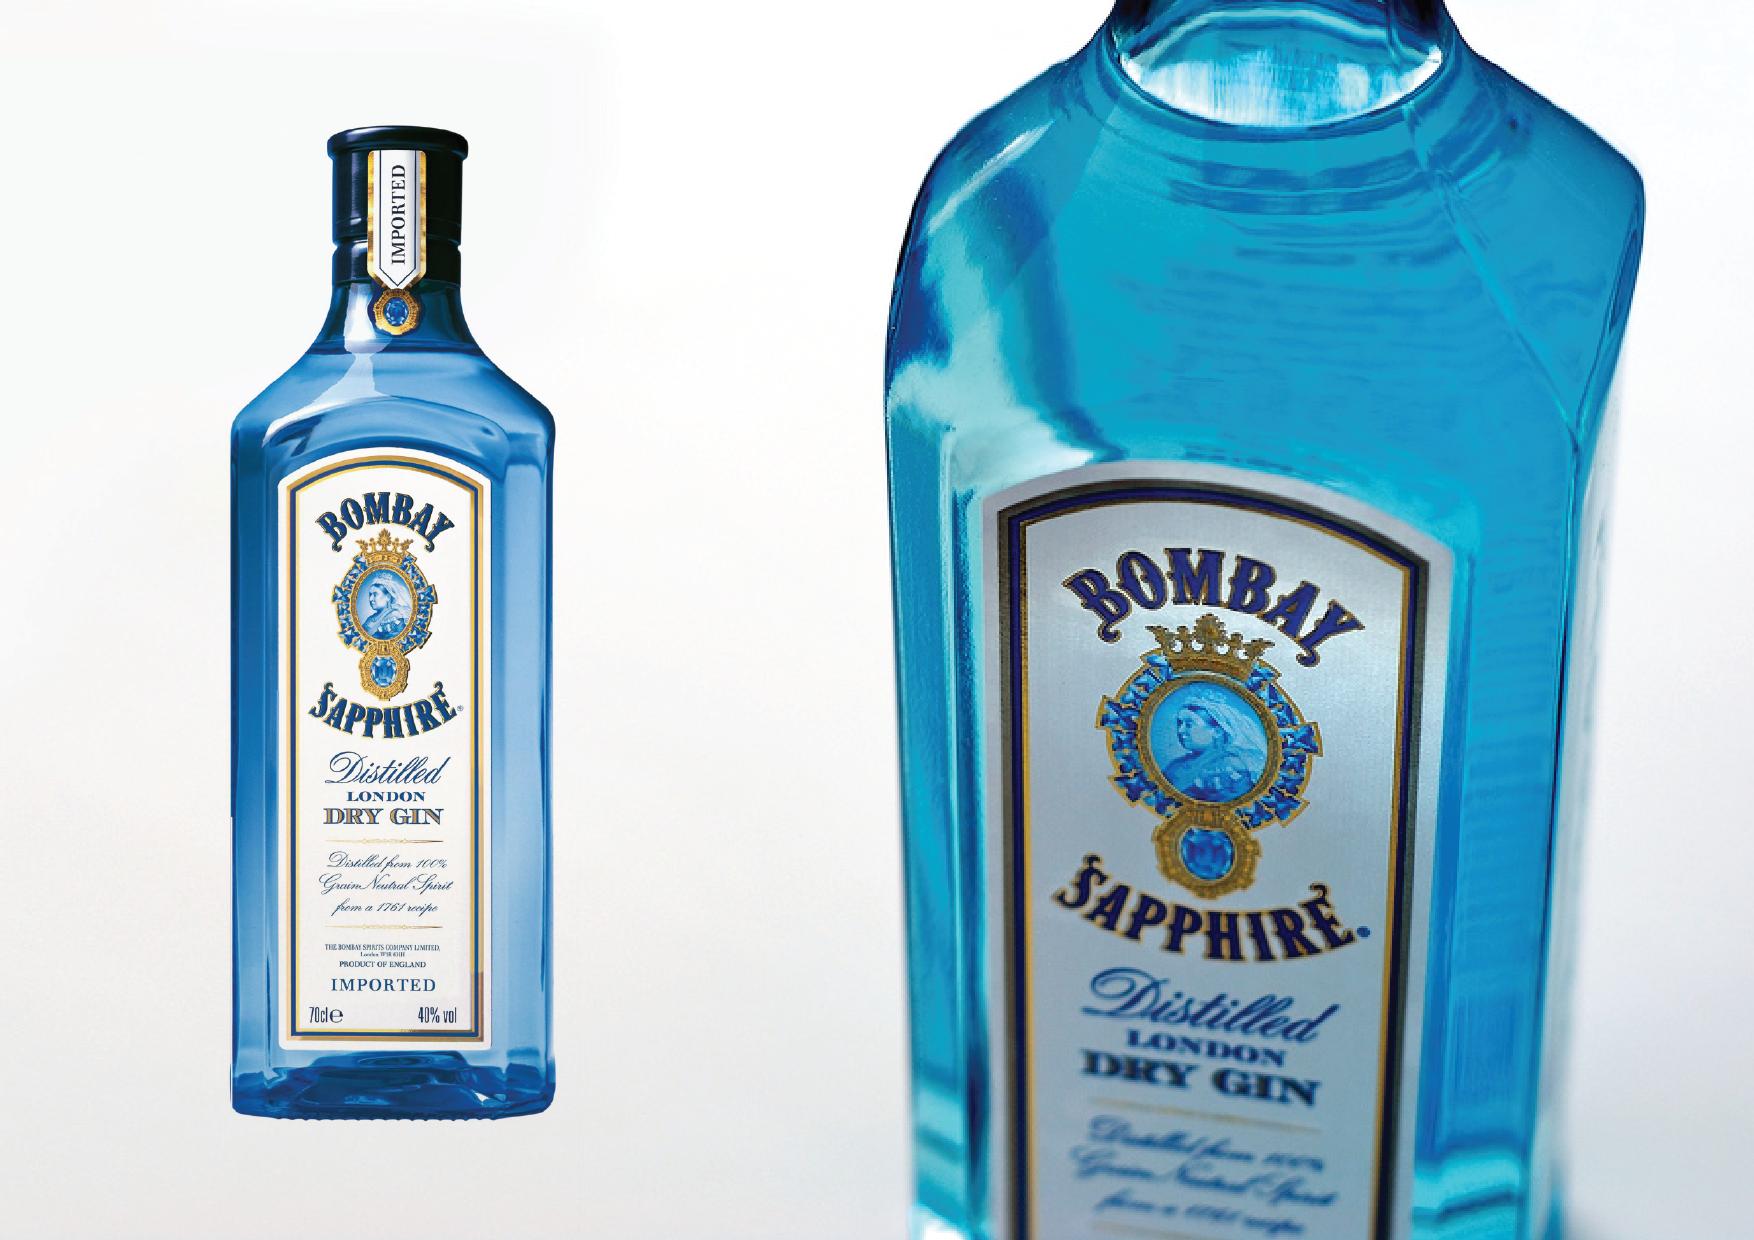 Джин bombay sapphire как пить - простые пошаговые рецепты с фотографиями